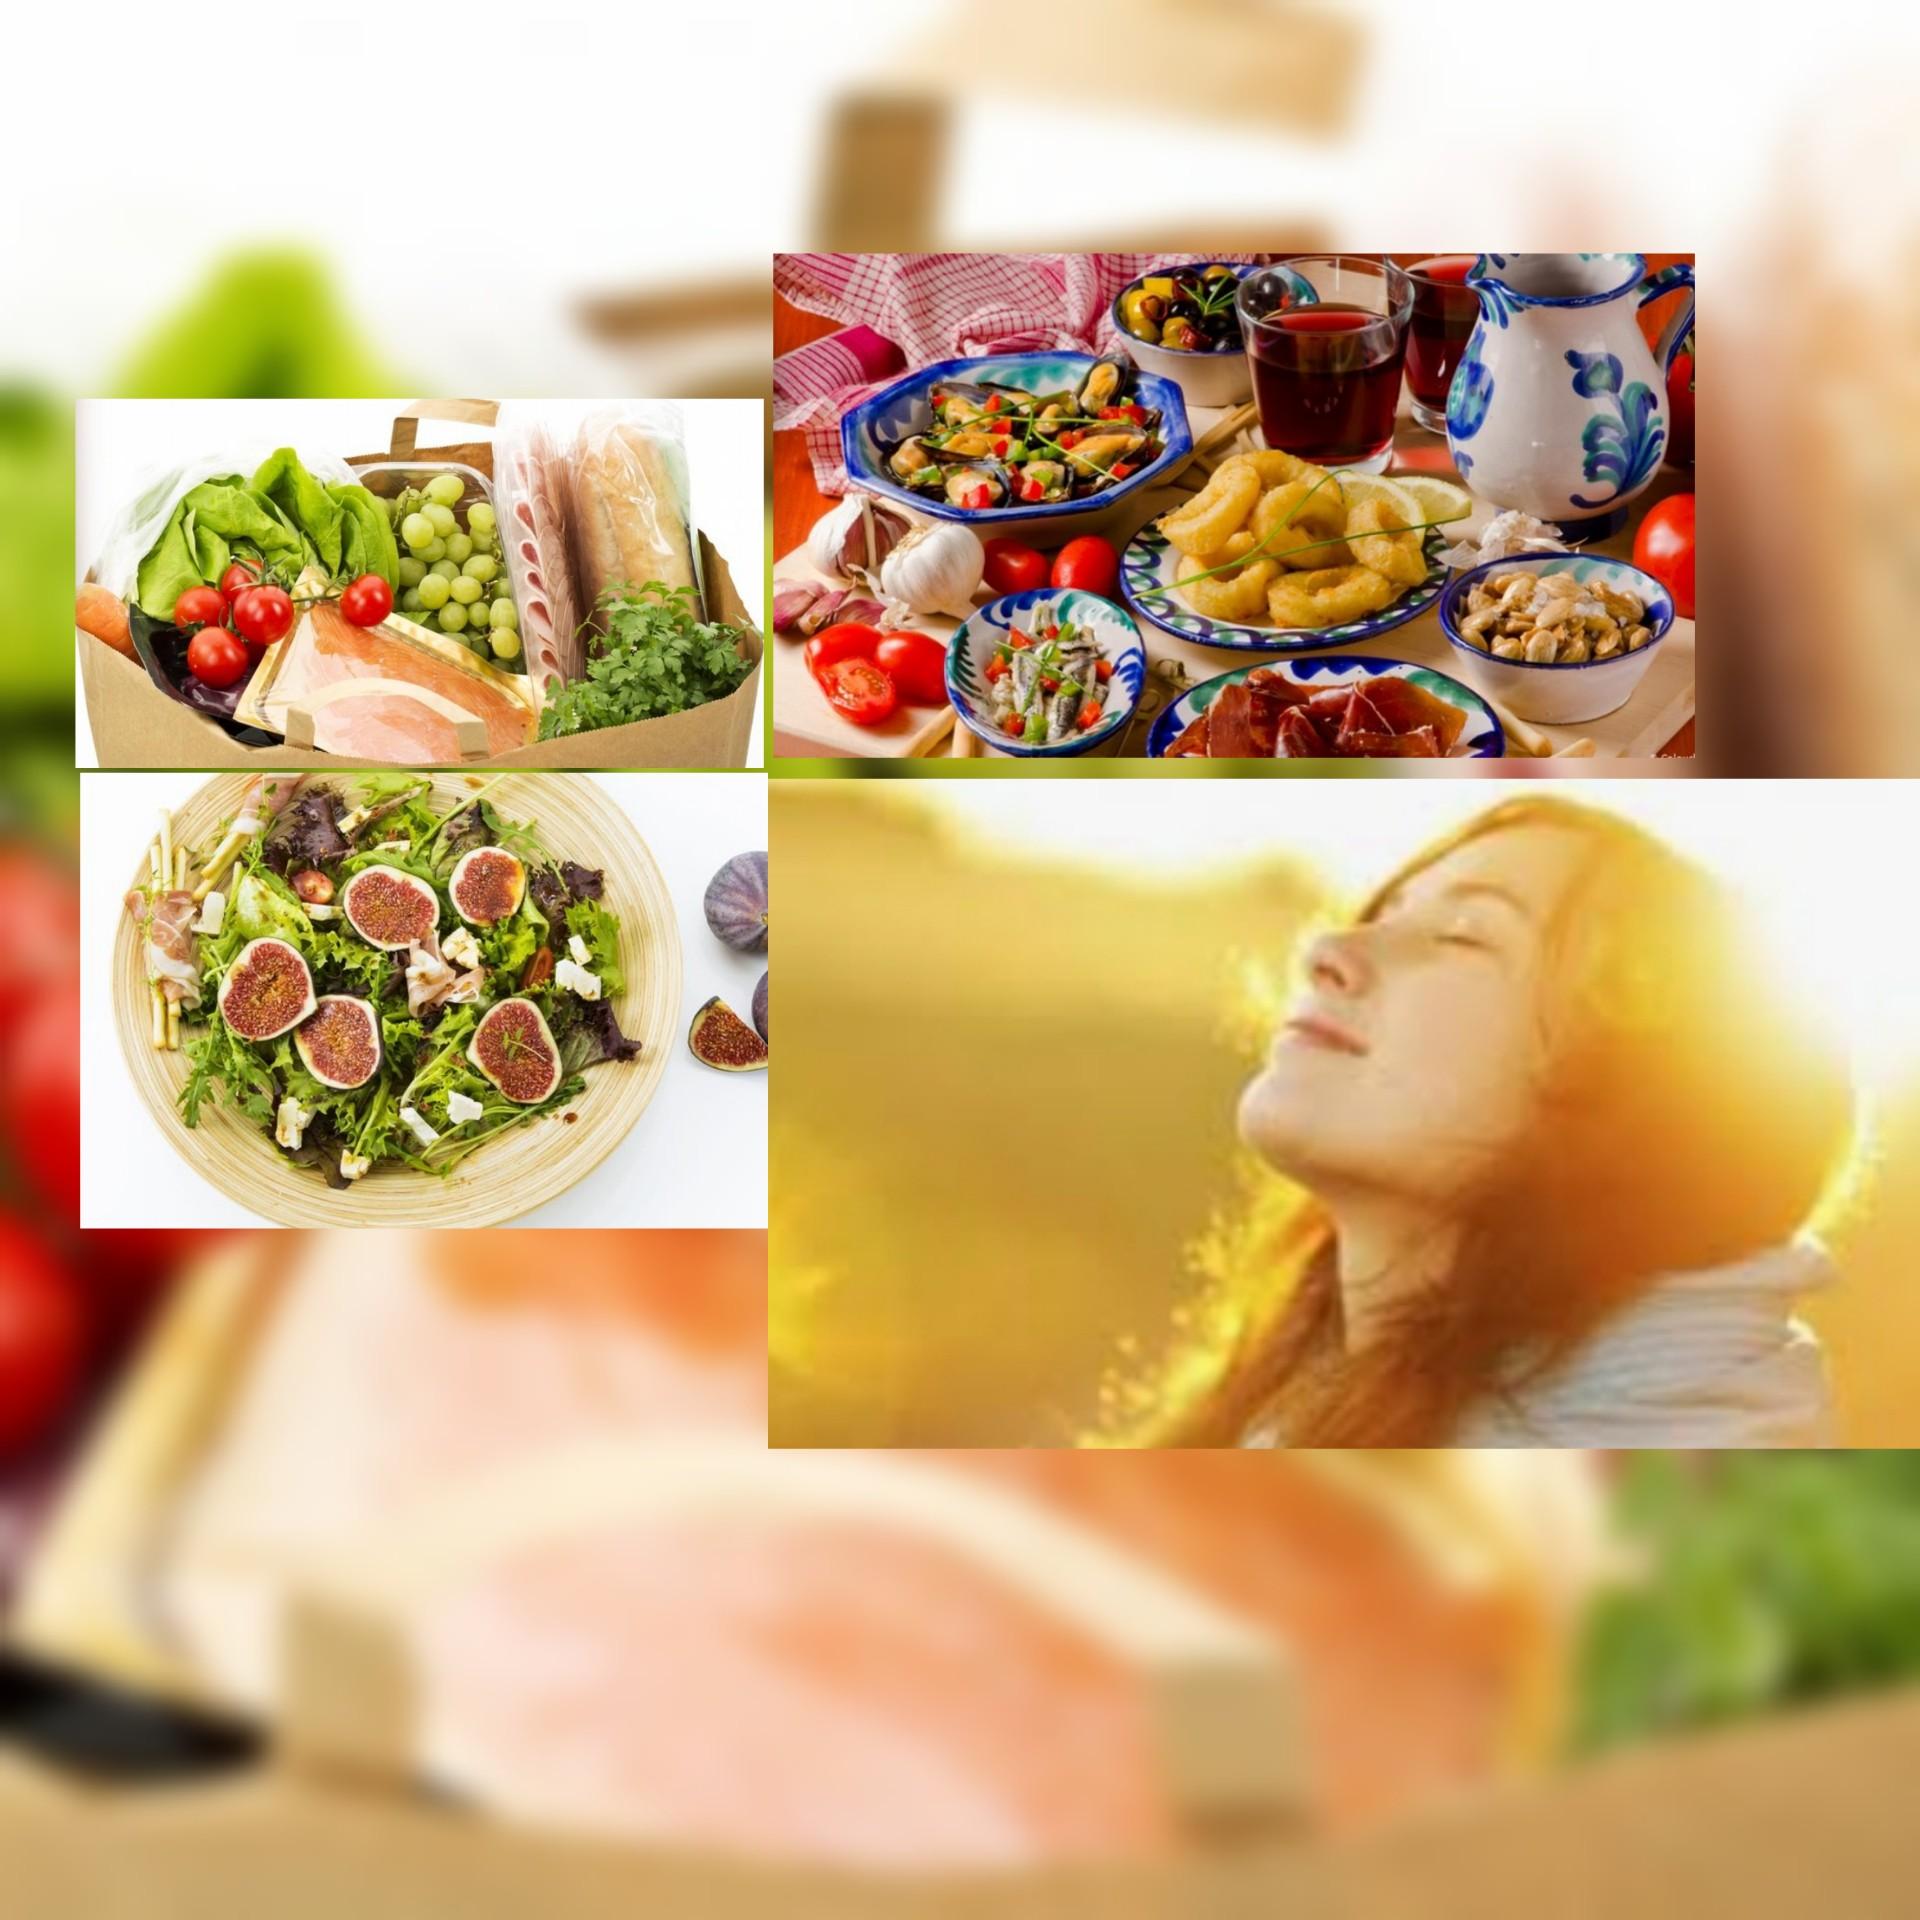 أغذية تناولها يسبب السعادة